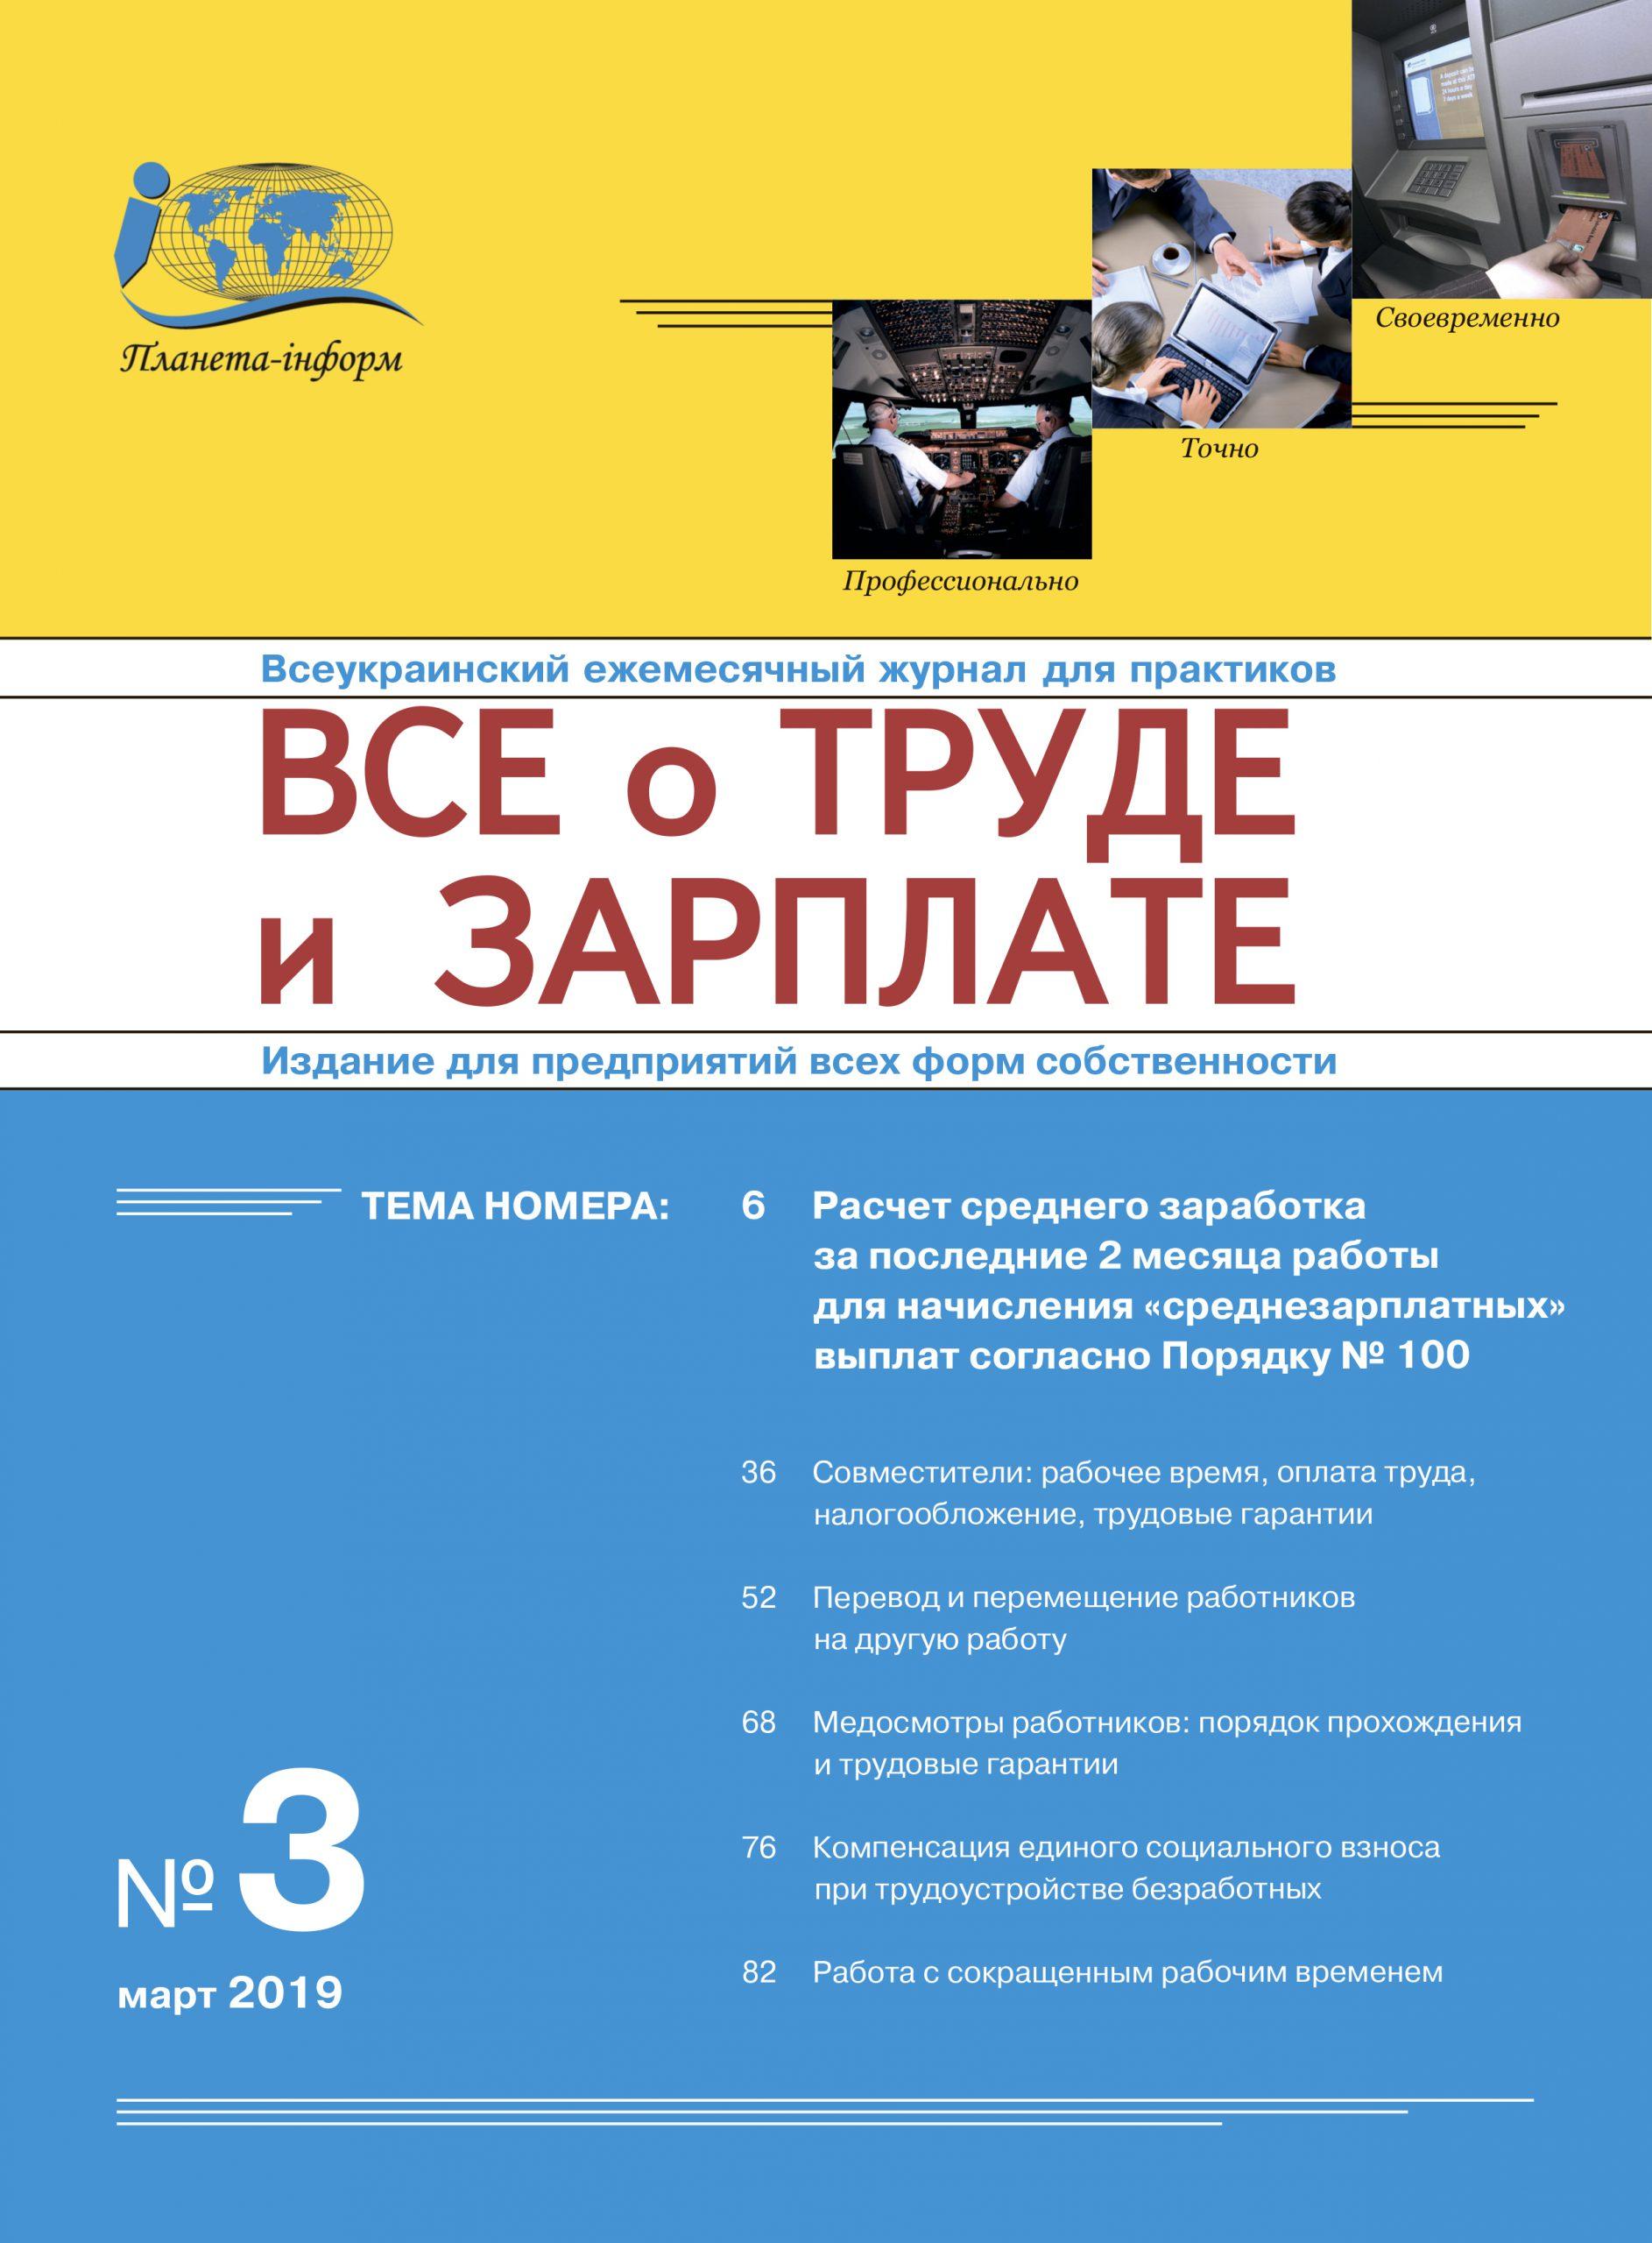 Журнал Все о труде и зарплате № 3/2019